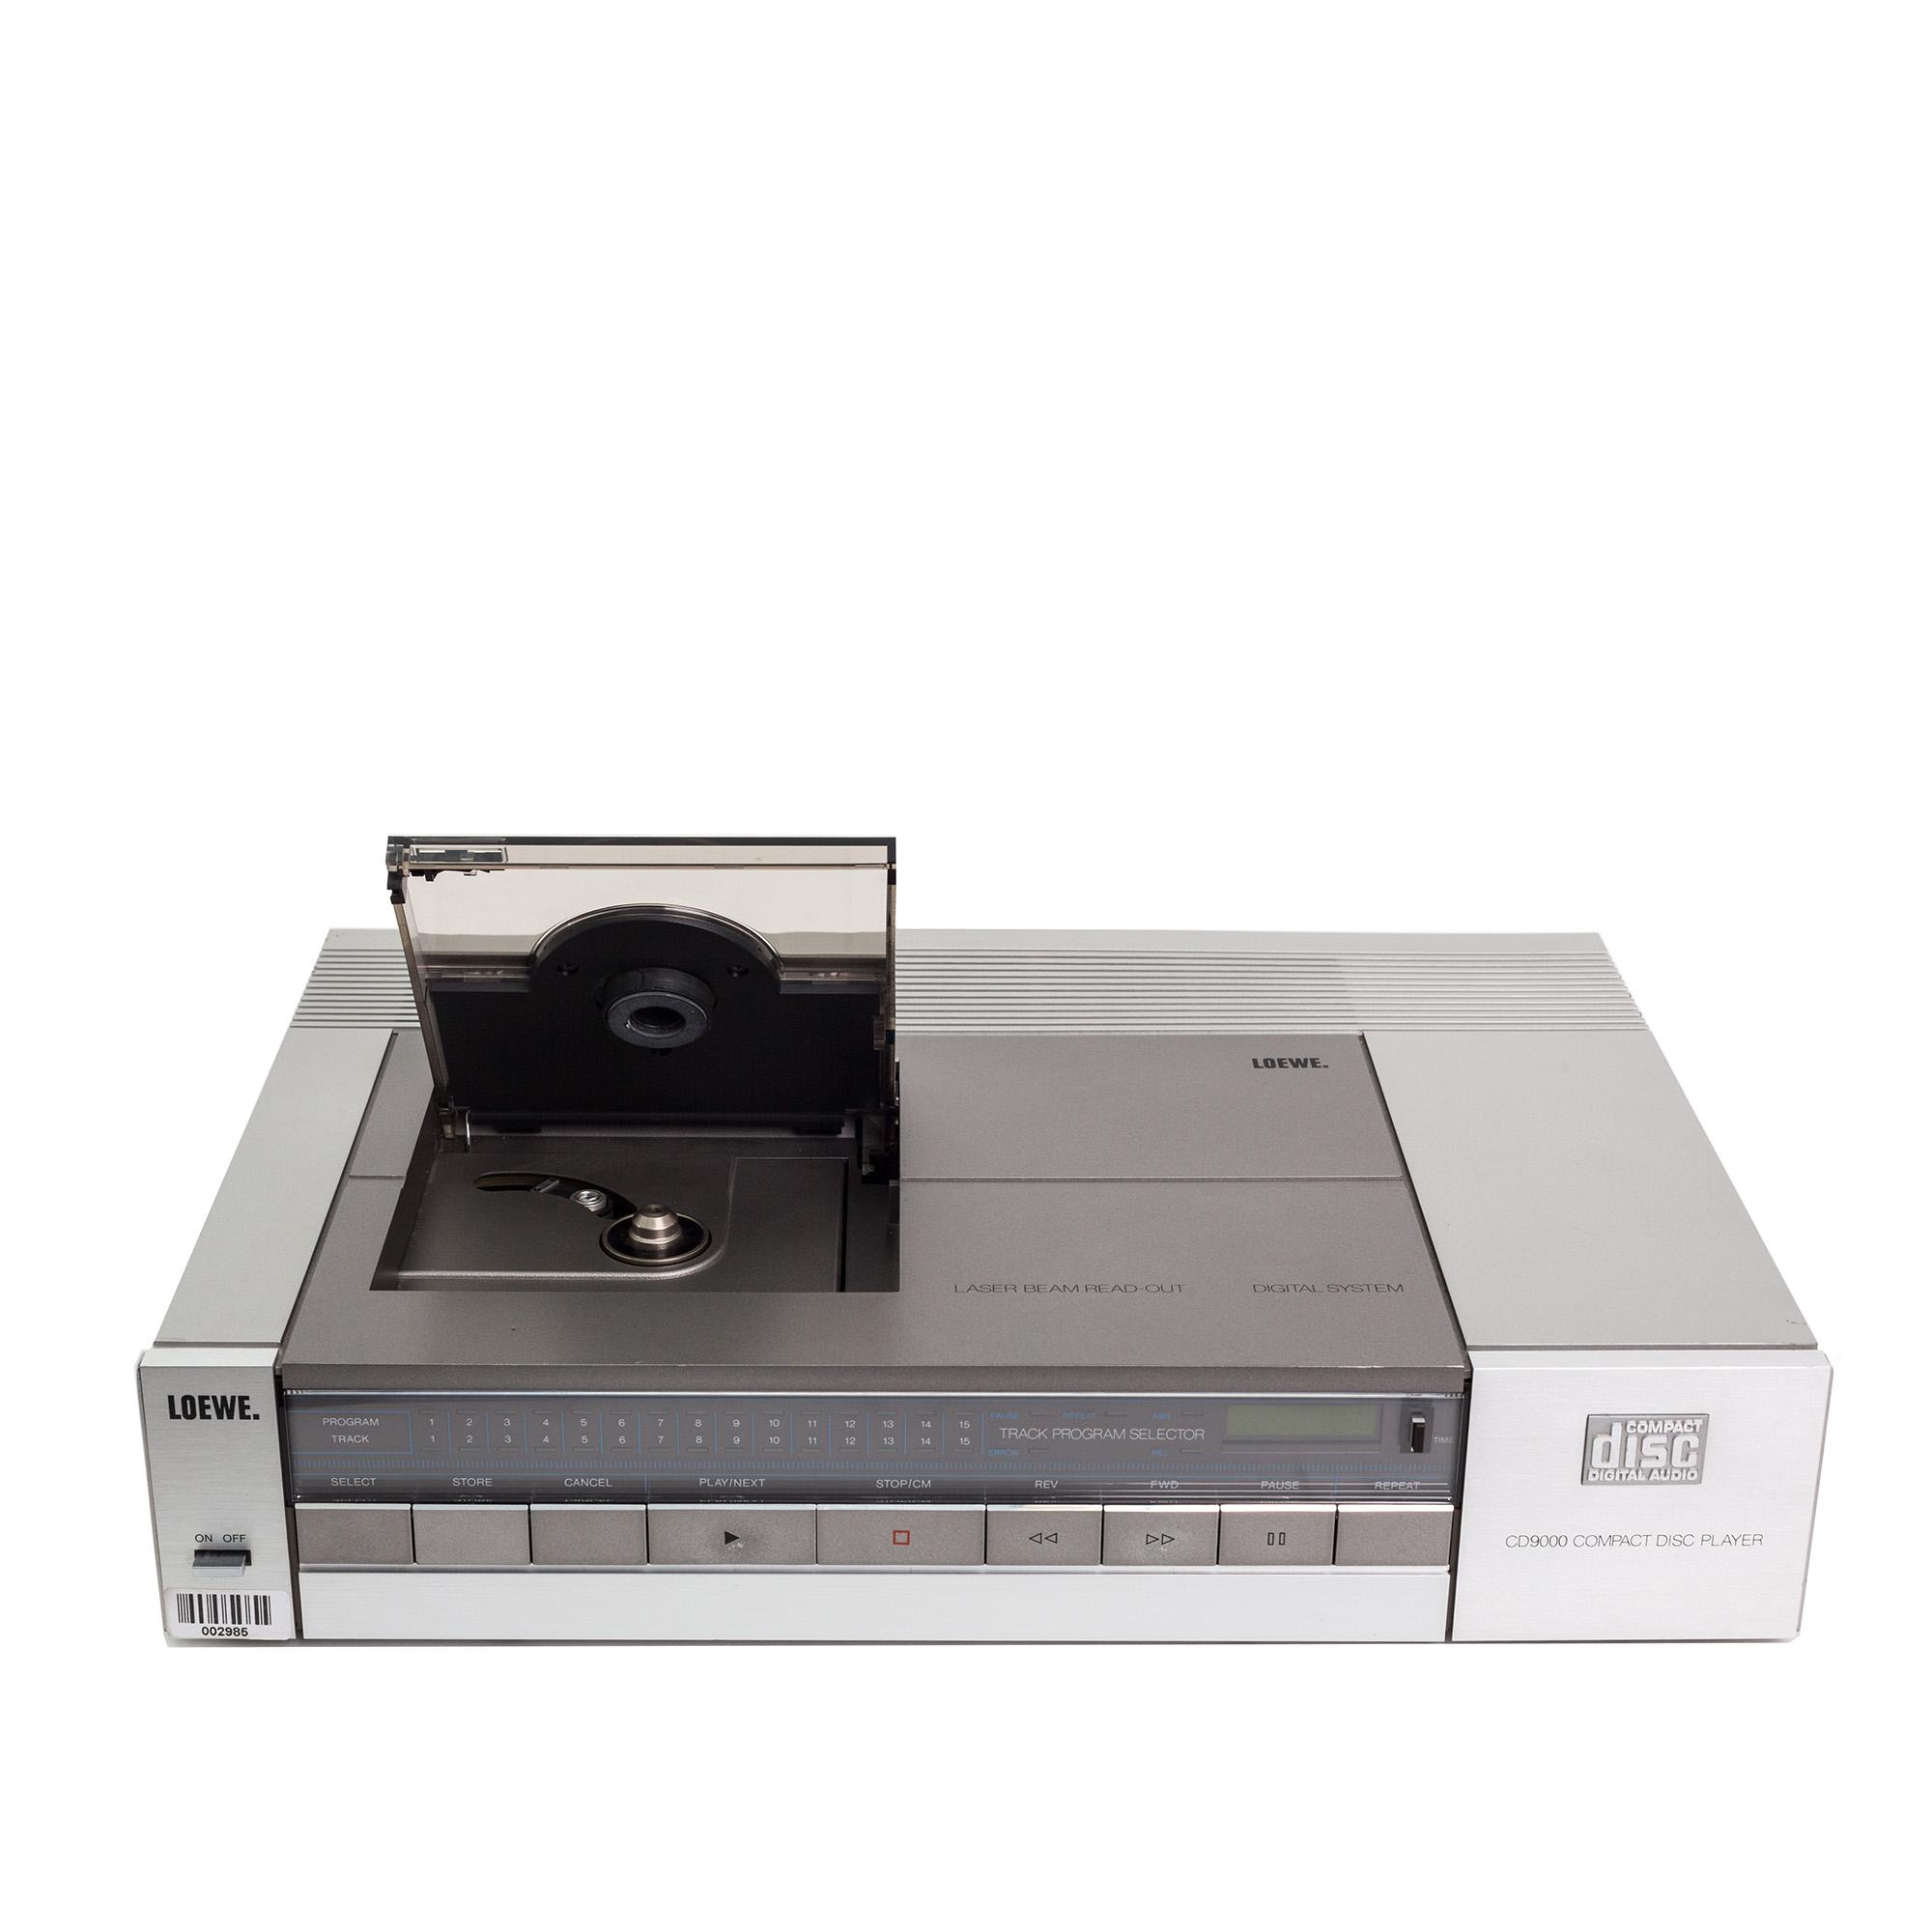 LOEWE CD9000